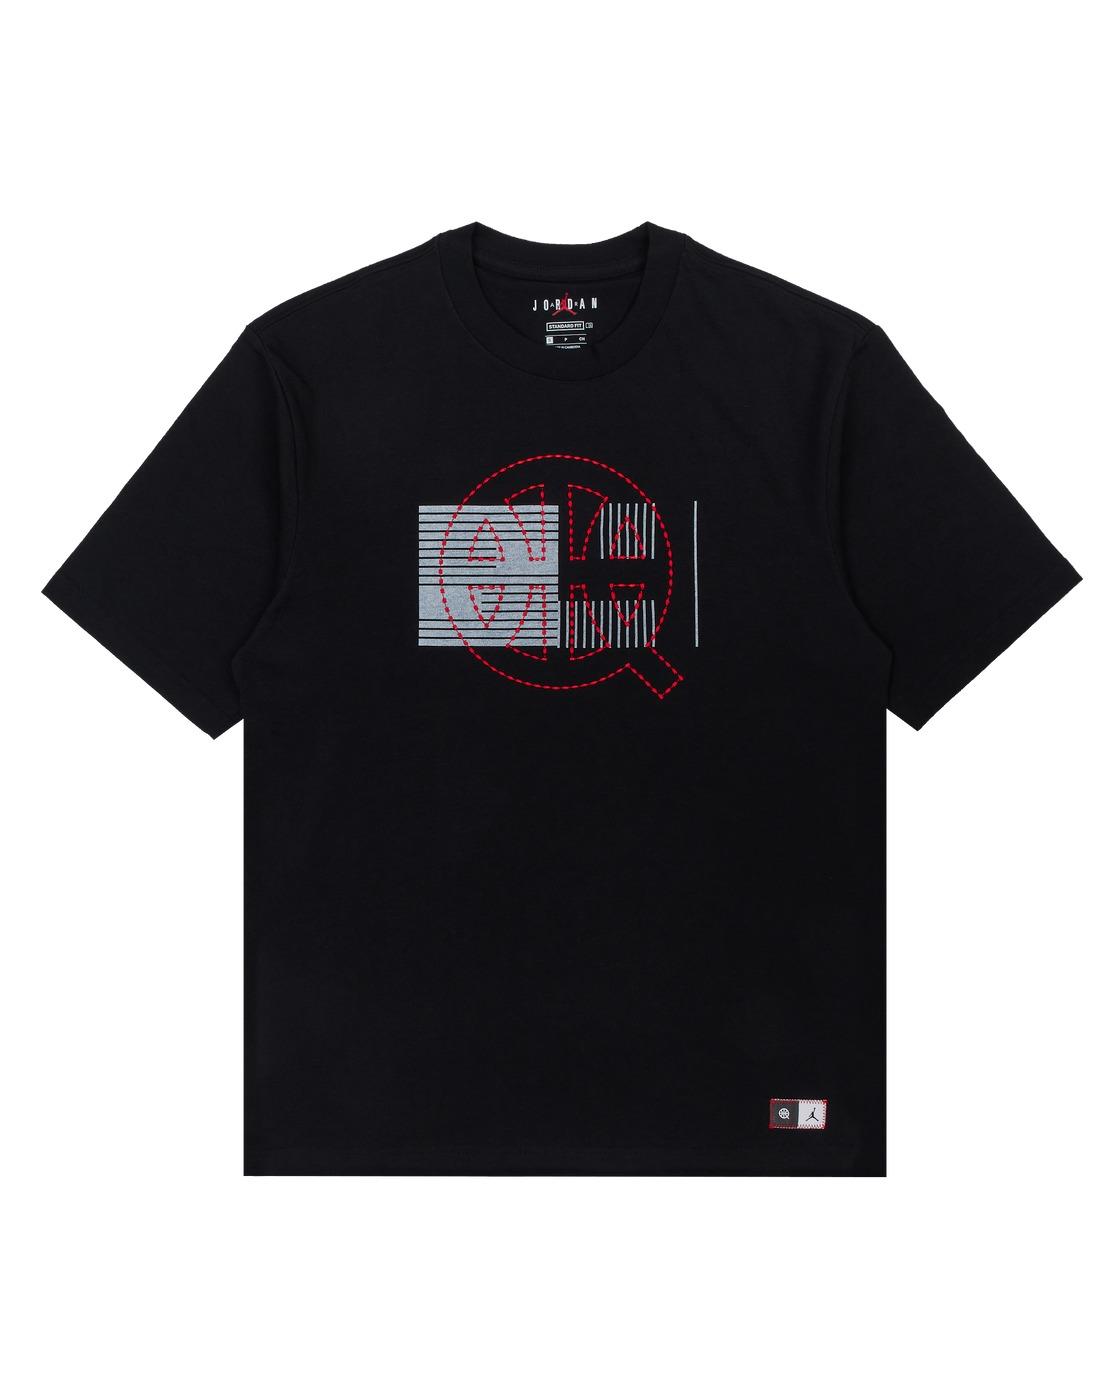 Photo: Nike Jordan Quai 54 Event 1985 T Shirt Black